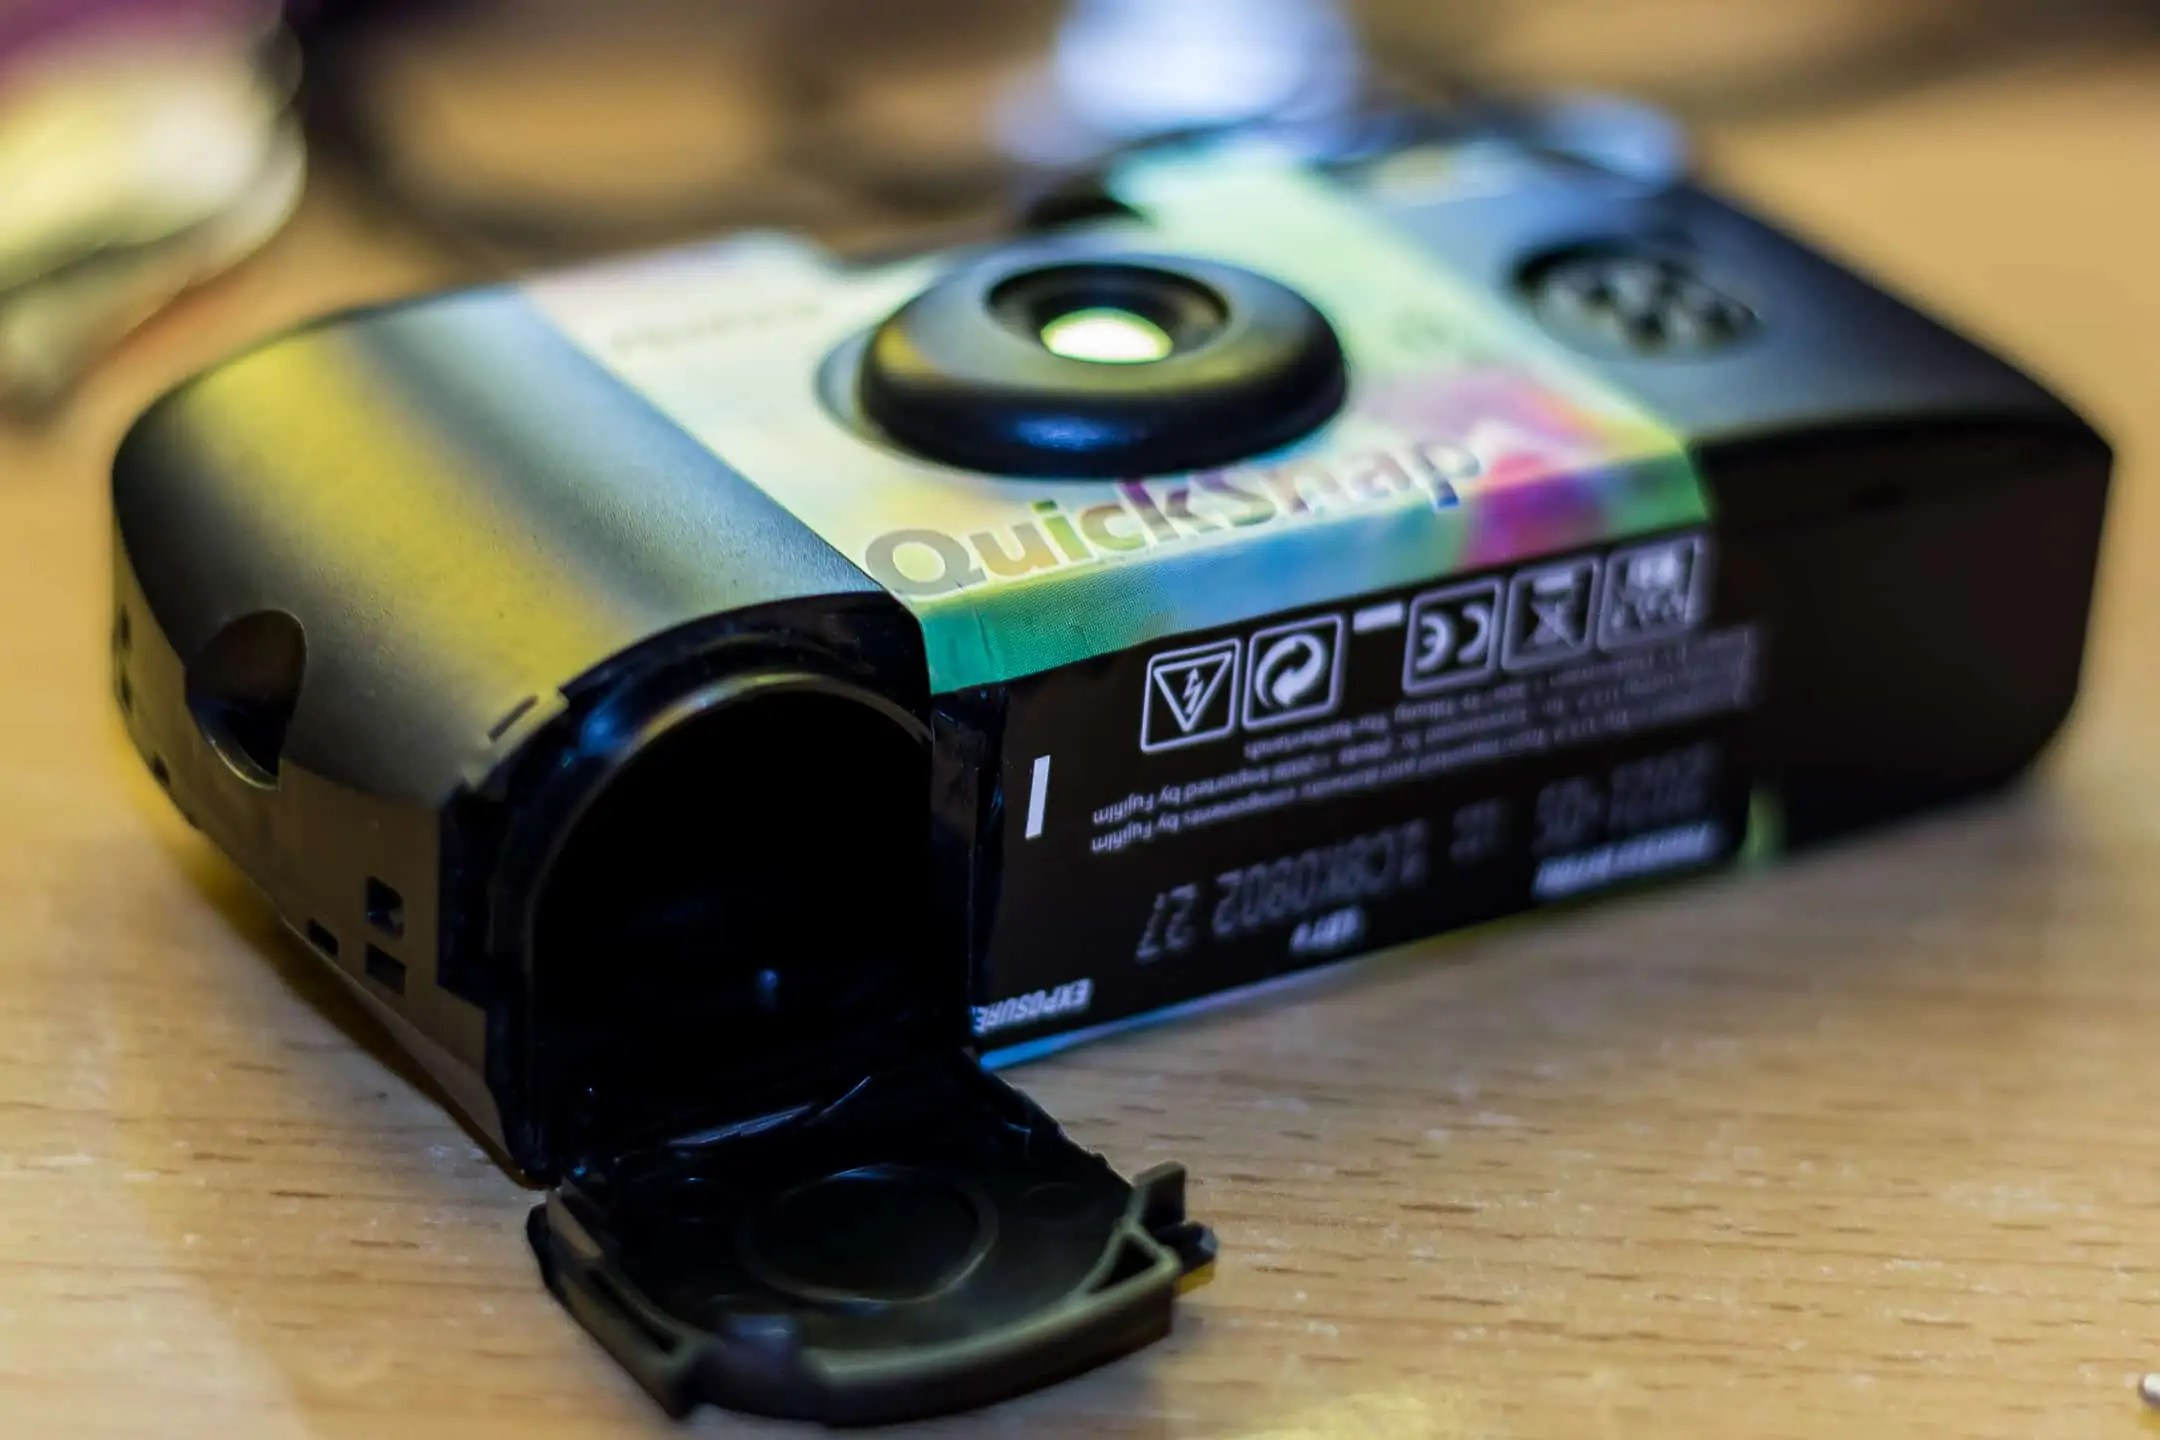 Zdjęcia aparatem jednorazowym fujifilm budowa aparatu 7 - Najlepszy prezent dla fotografa jest darmowy. Resztę kupisz do 100 pln